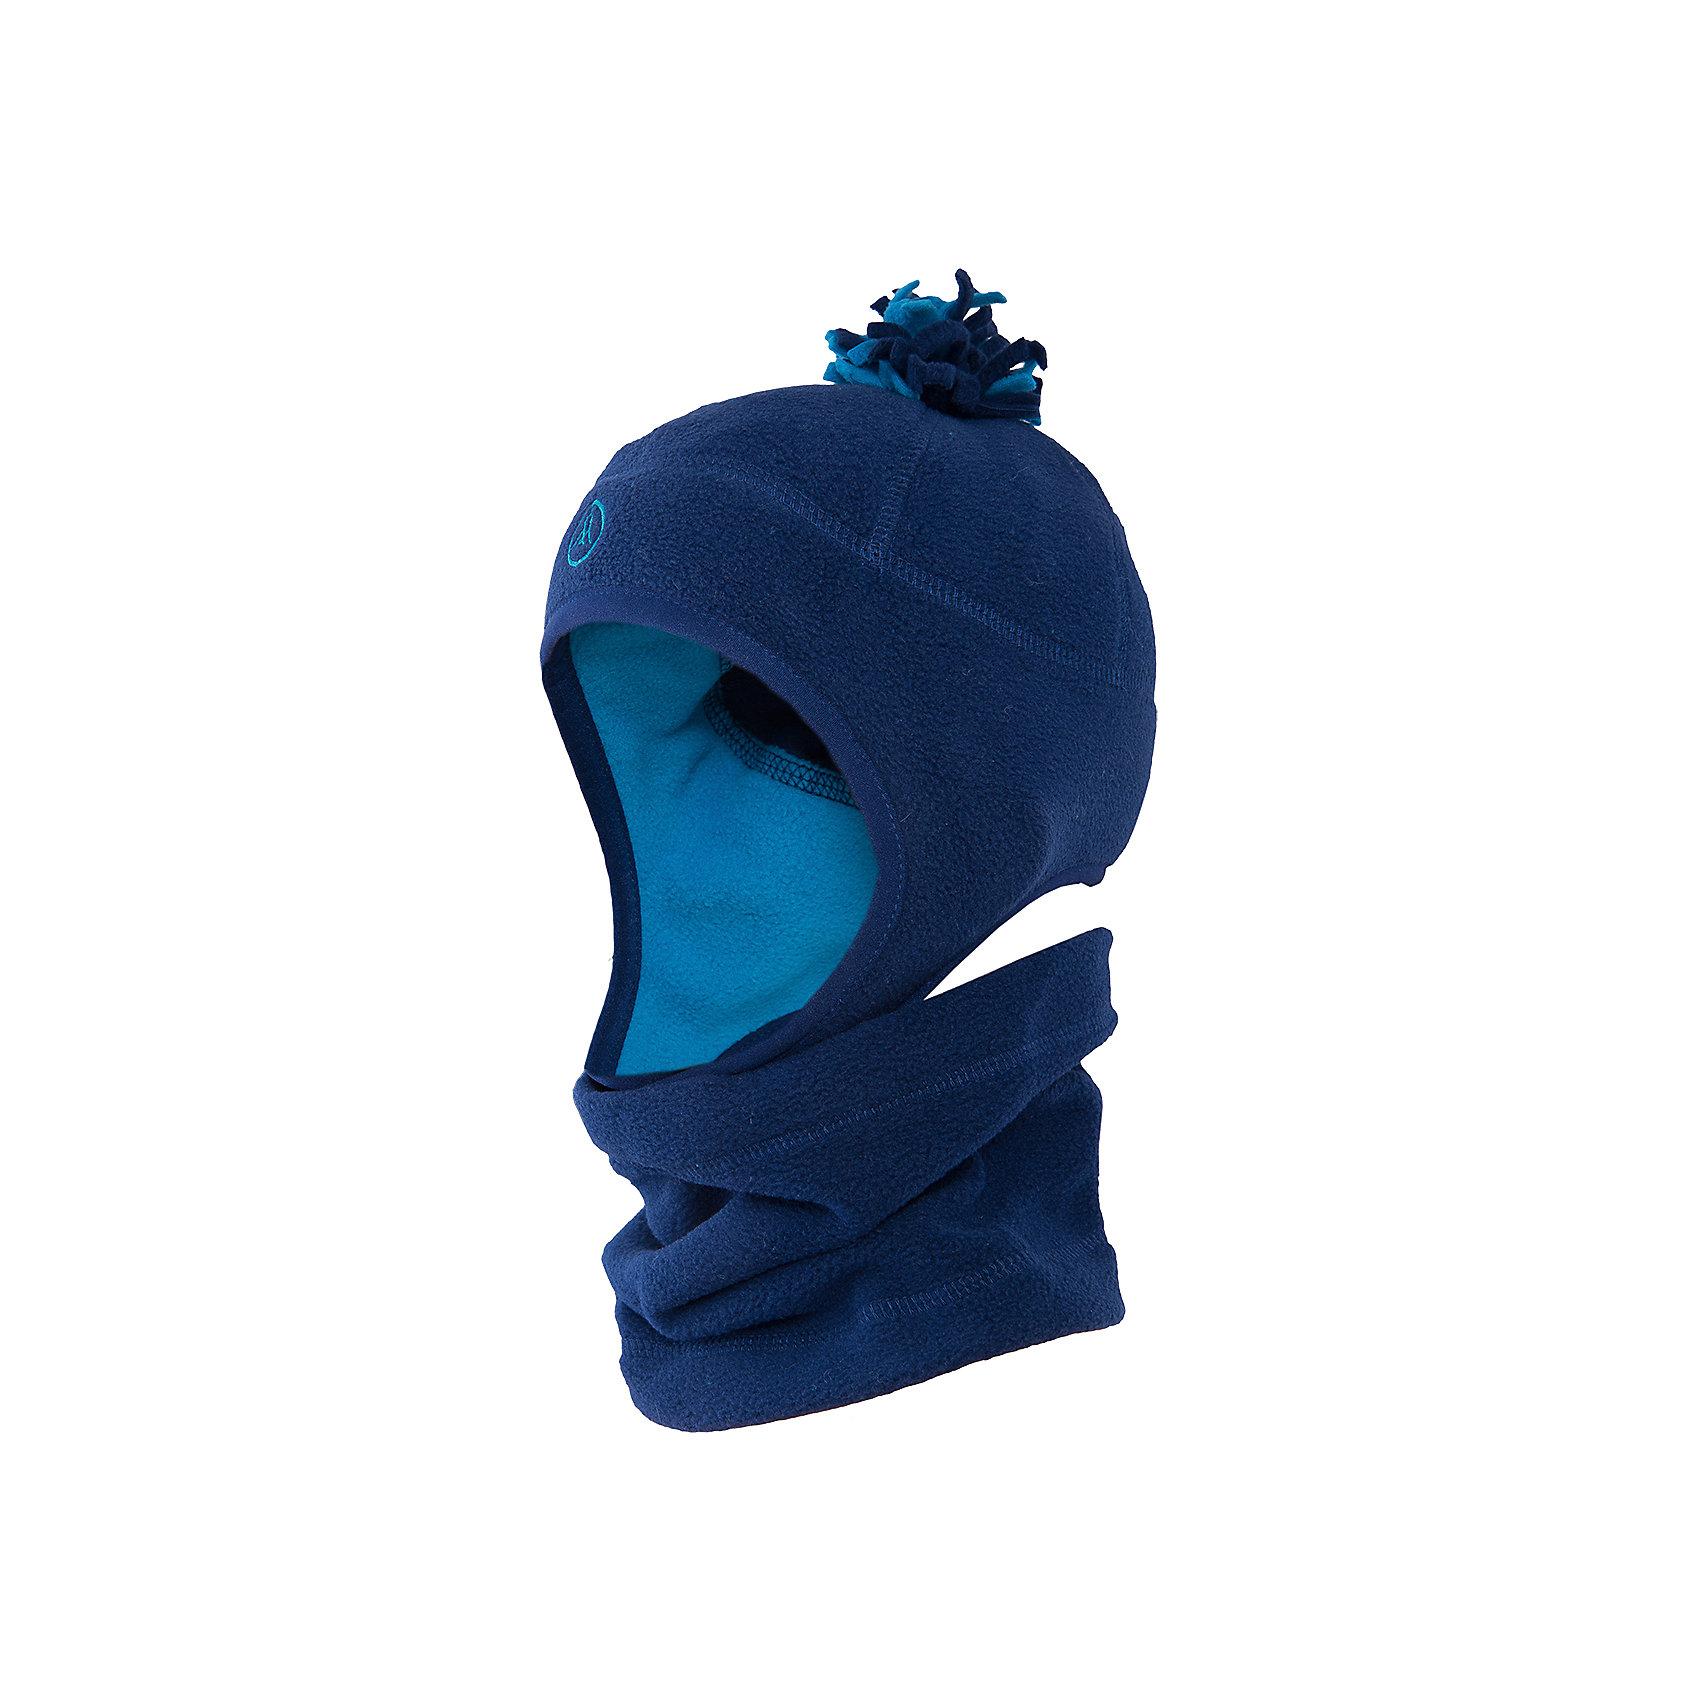 Комплект: шапка и шарф для мальчика PremontКомплект: шапка и шарф для мальчика от известного бренда Premont.<br>Красивый и функциональный набор из шапки с импровизированным помпоном и шарфа-снуда будет отлично гармонировать с моделями «Магия Зарканы», «Кубок Ванкувера», «Лабиринты Лонглит», «Немецкий стиль». Также к набору подойдут краги цвета Blue<br>Состав:<br>Ткань верха: Polarfleece<br><br>Ширина мм: 89<br>Глубина мм: 117<br>Высота мм: 44<br>Вес г: 155<br>Цвет: синий<br>Возраст от месяцев: 18<br>Возраст до месяцев: 24<br>Пол: Мужской<br>Возраст: Детский<br>Размер: 48,54,52,50<br>SKU: 4996635